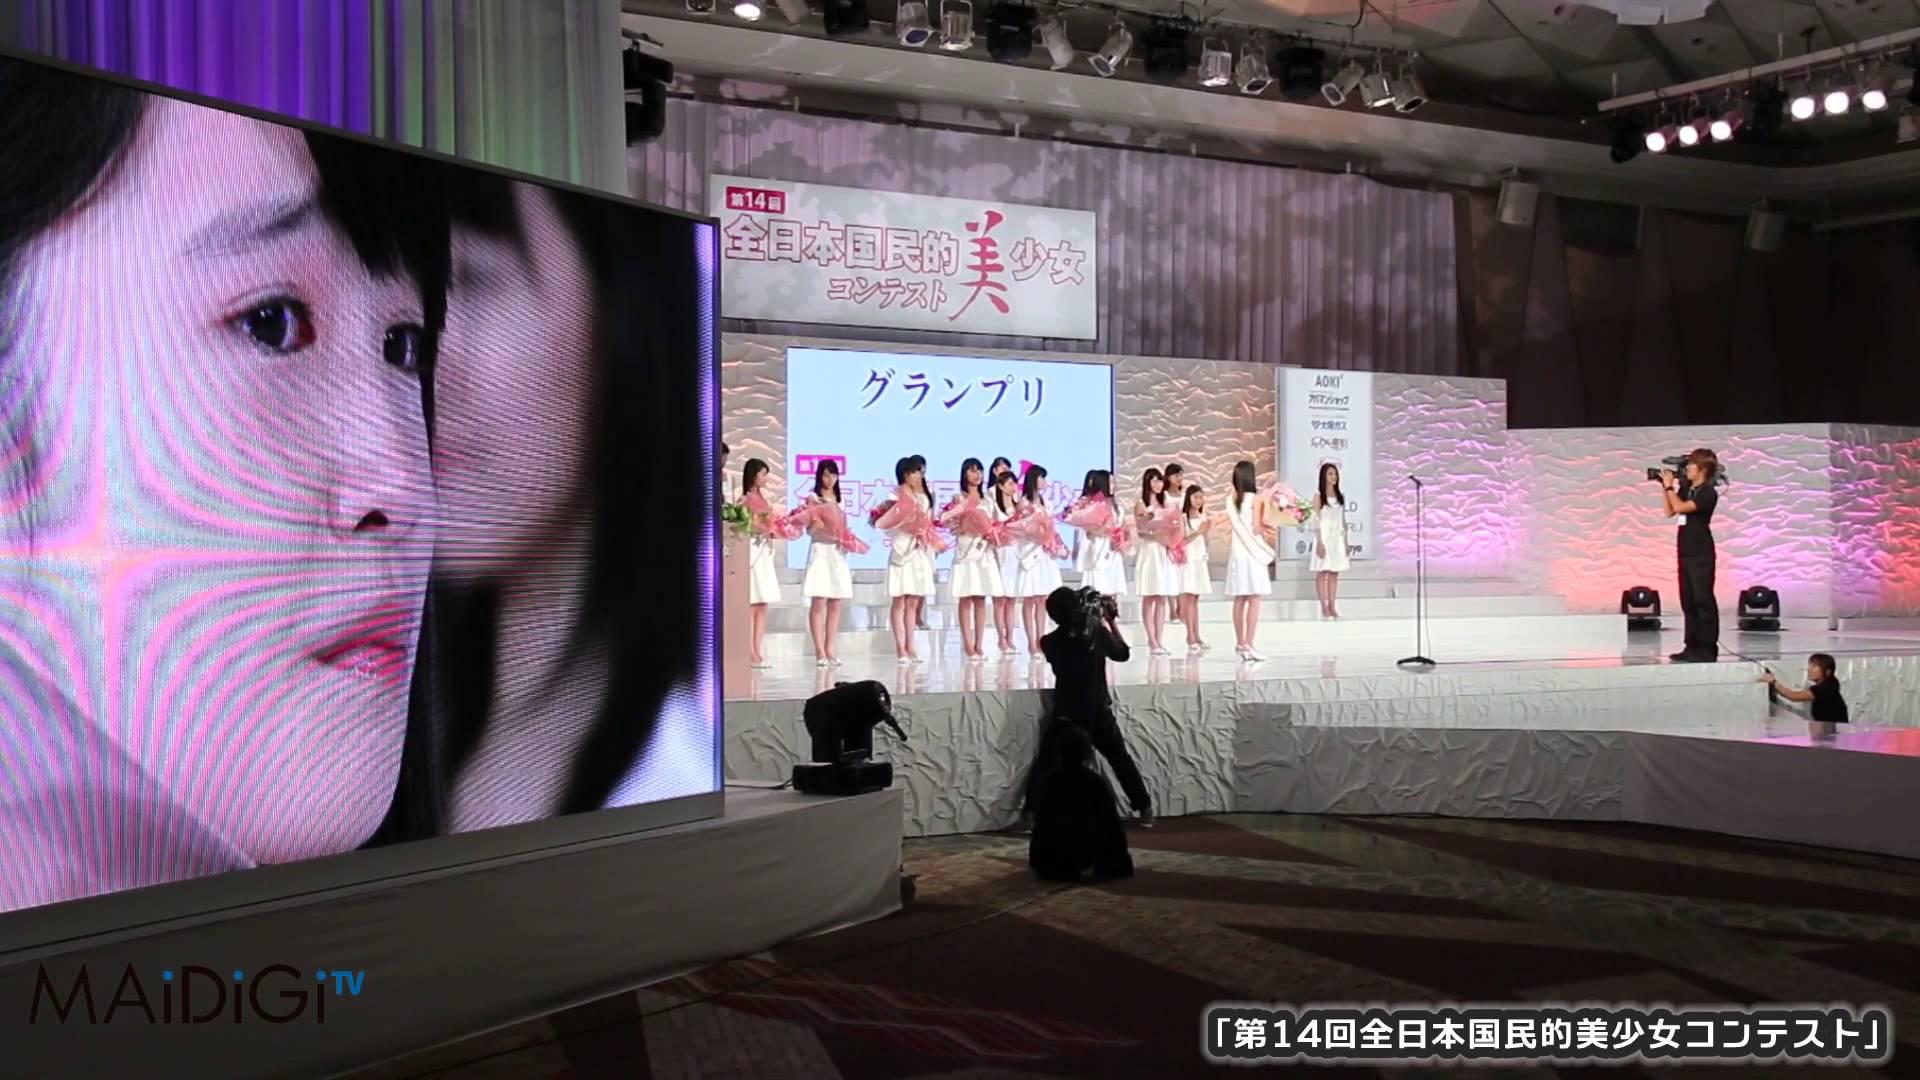 国民的美少女コンテスト